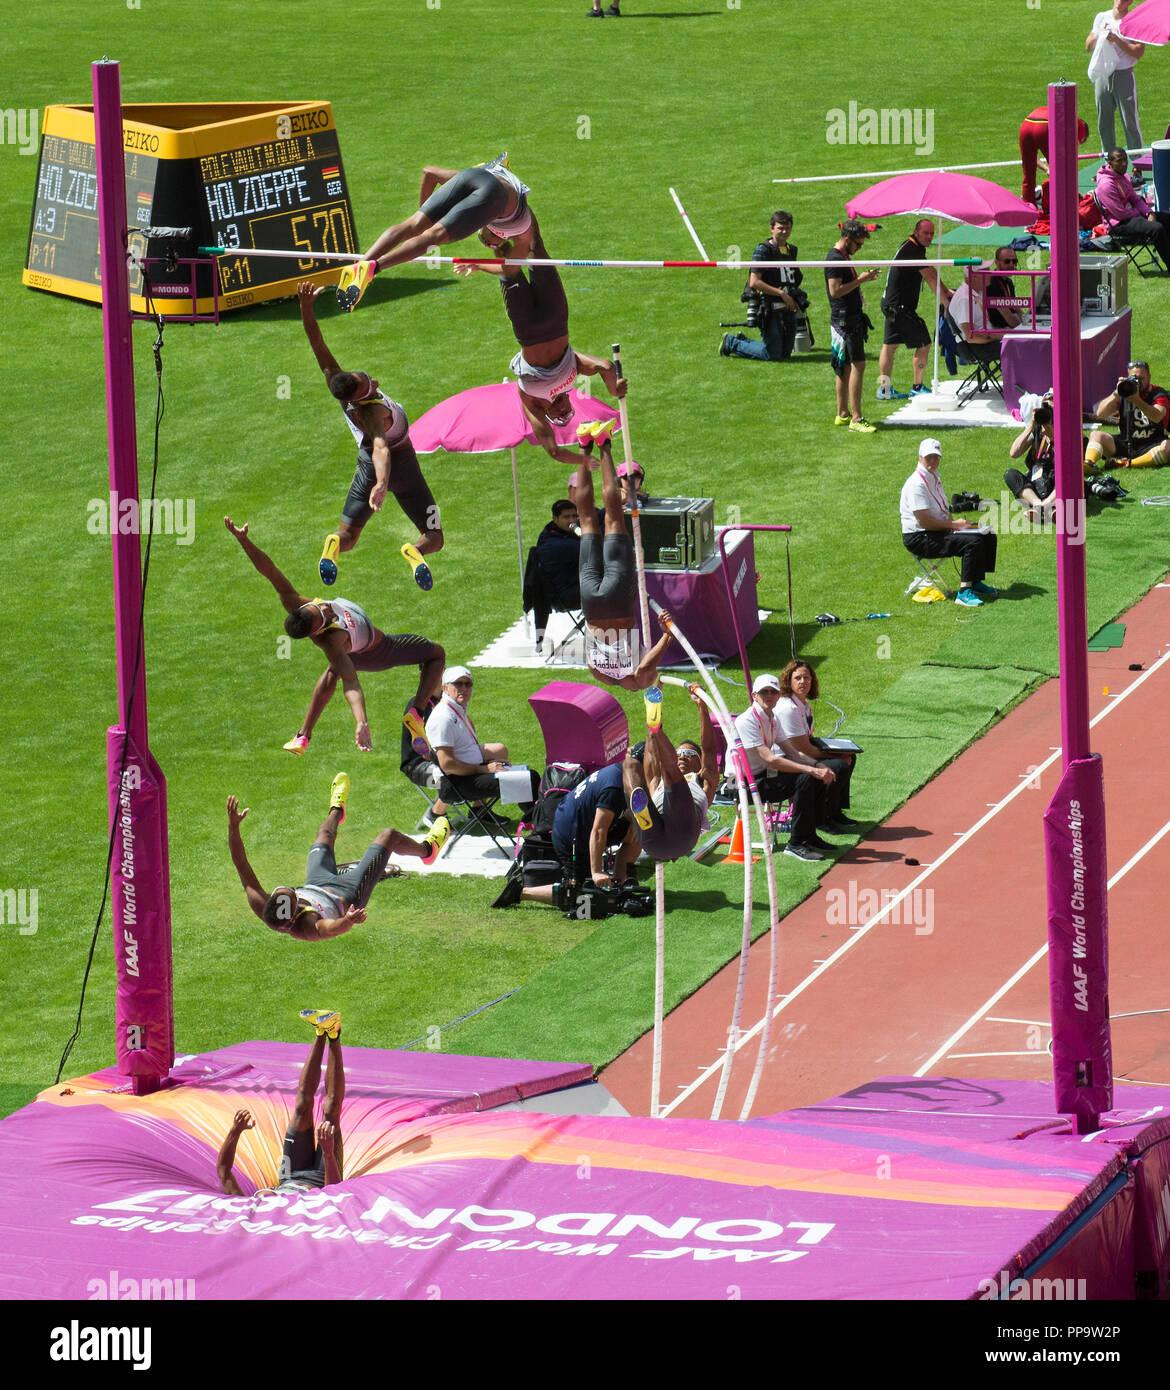 Pole Vaulting an der London 2017 Leichtathletik-Weltmeisterschaft Stockbild